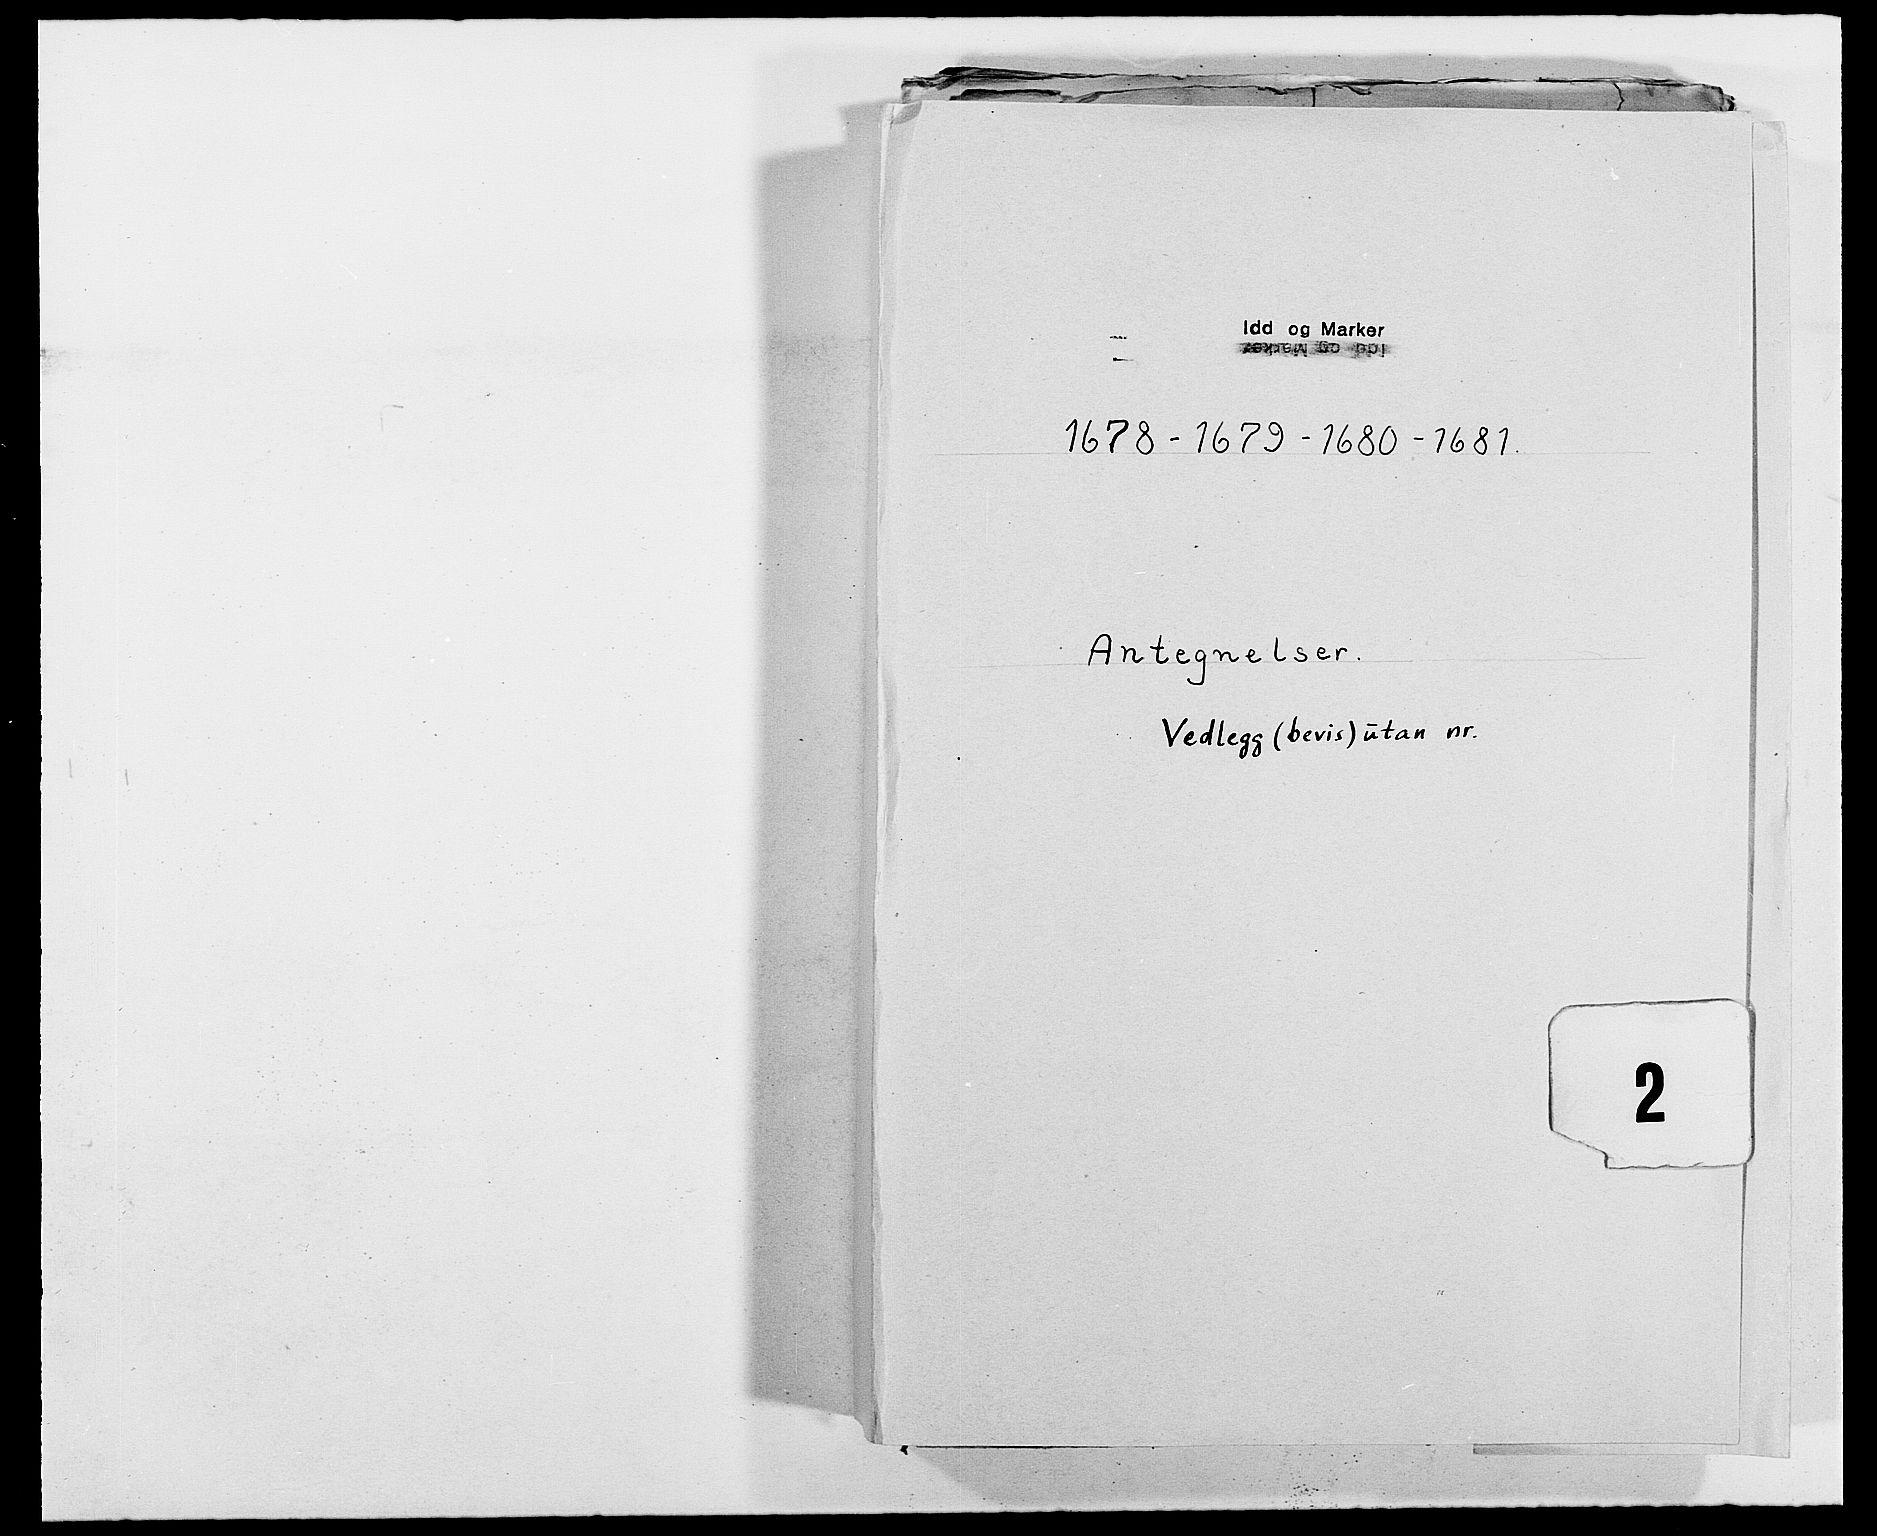 RA, Rentekammeret inntil 1814, Reviderte regnskaper, Fogderegnskap, R01/L0003: Fogderegnskap Idd og Marker, 1678-1681, s. 254